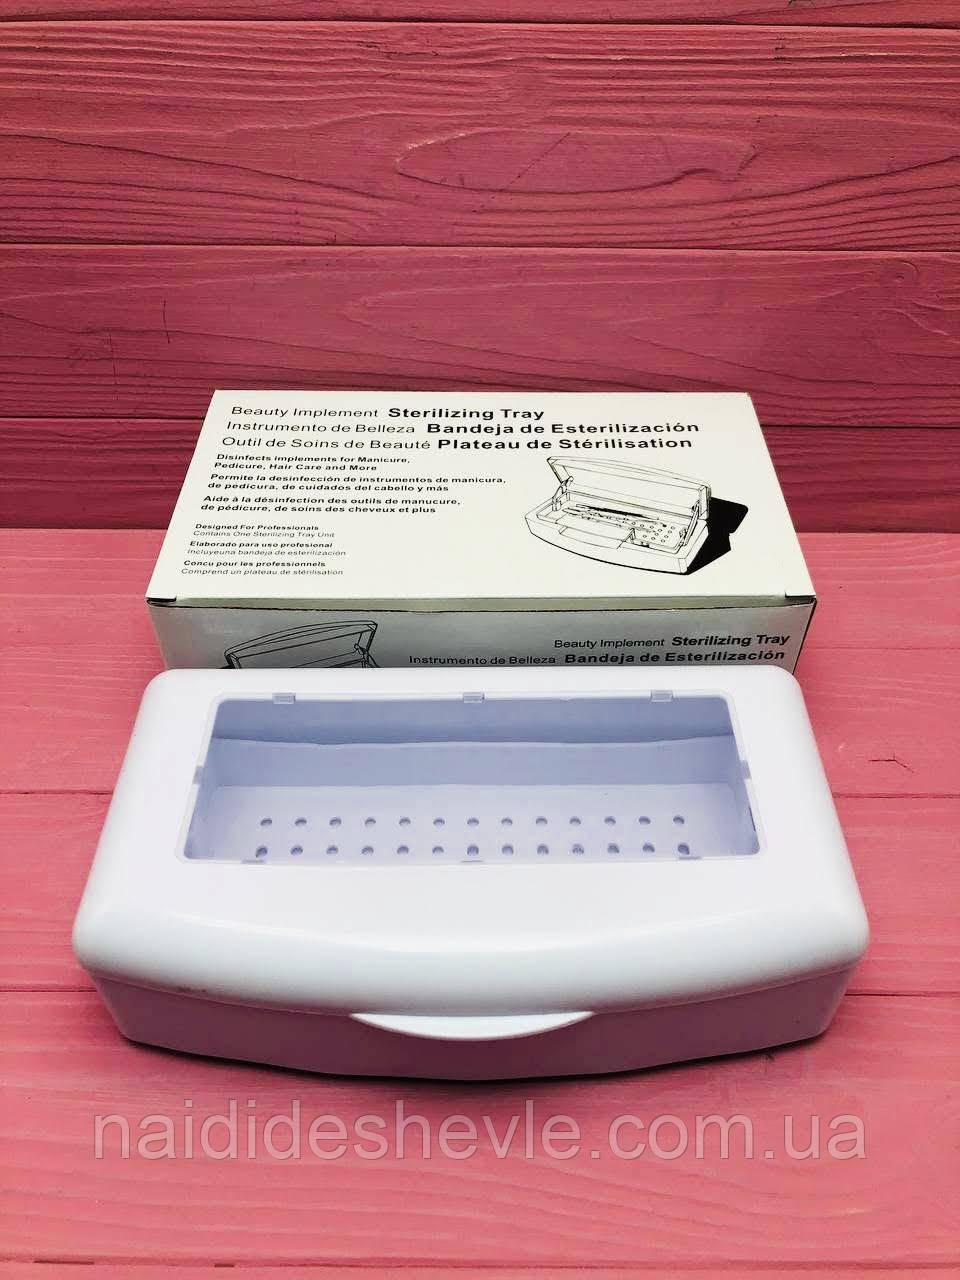 Бокс для стерилизации, ванночка - контейнер для замачивания и дезинфекции инструментов